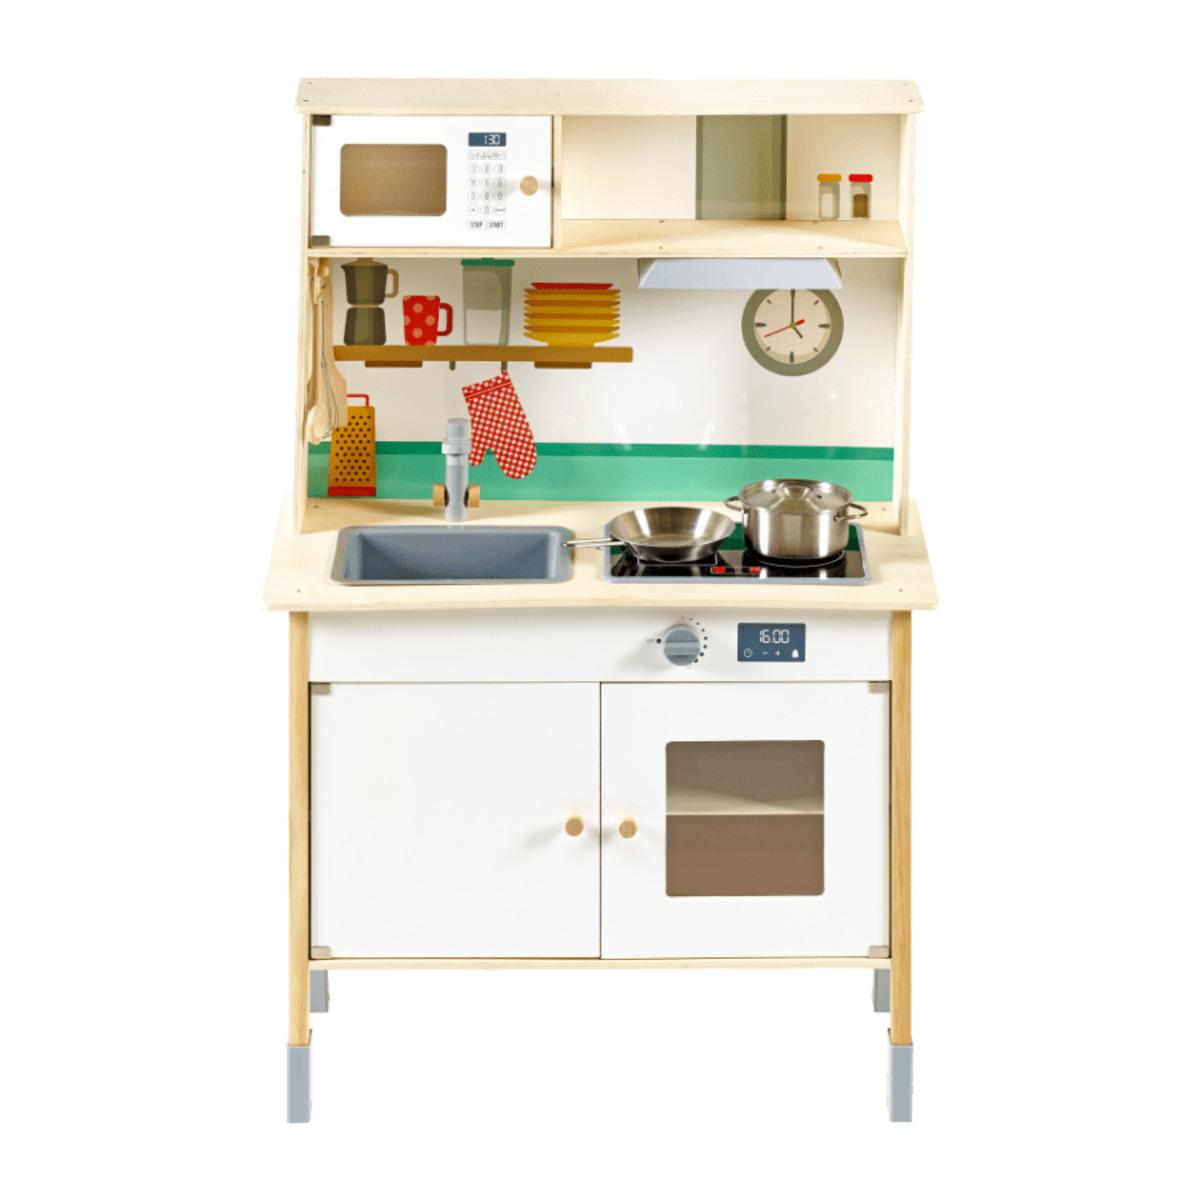 Bild 1 von PLAYLAND  Holz-Spielküche